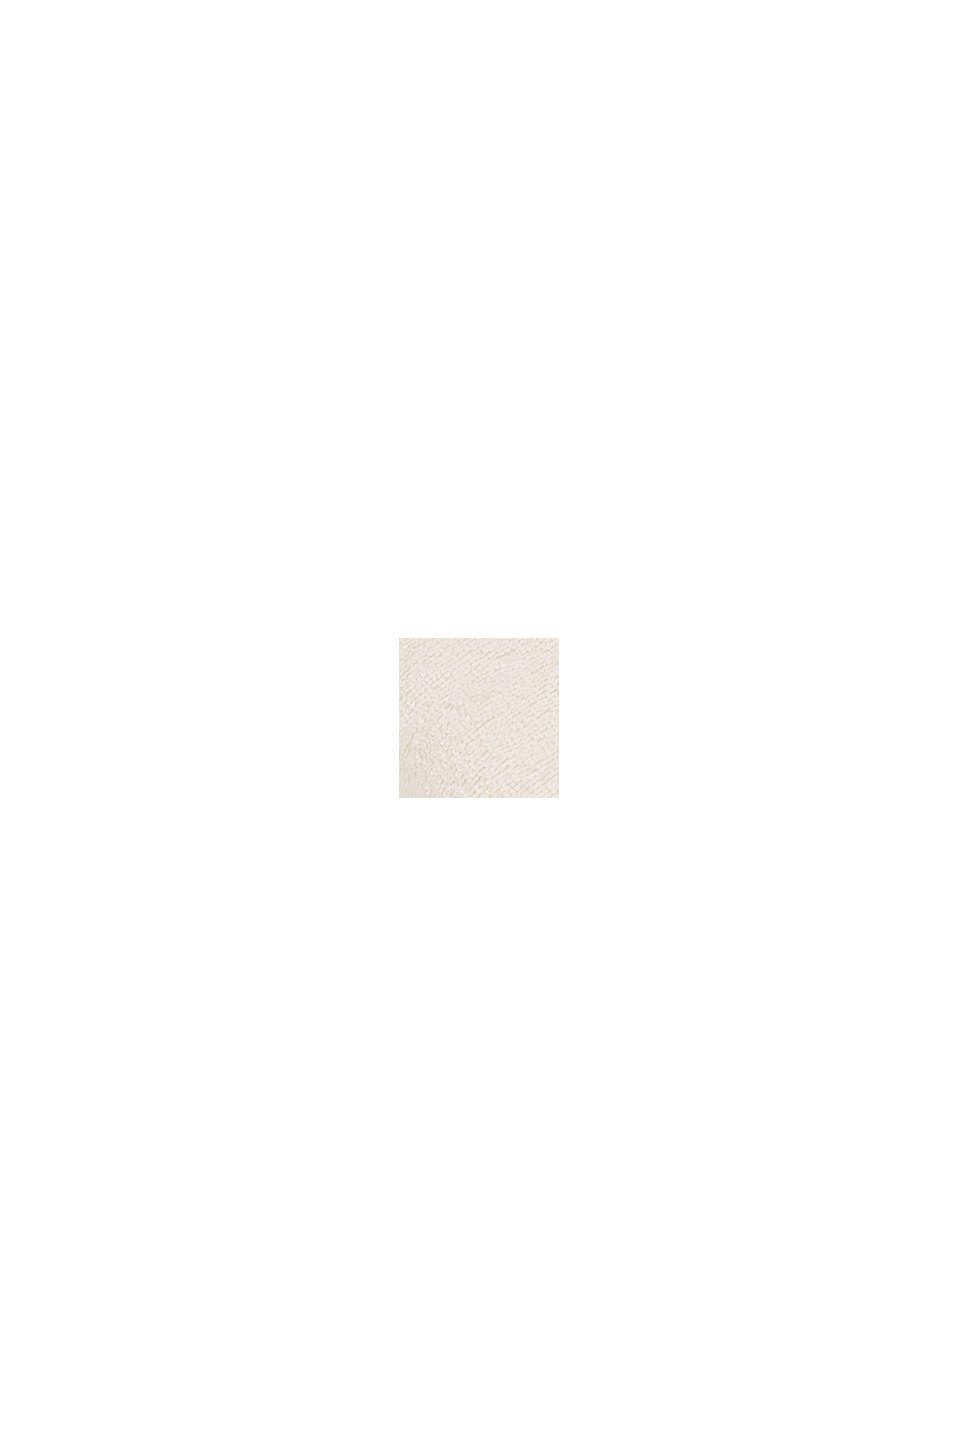 Handtuch mit Sternen-Bordüre, 100% Baumwolle, IVORY, swatch